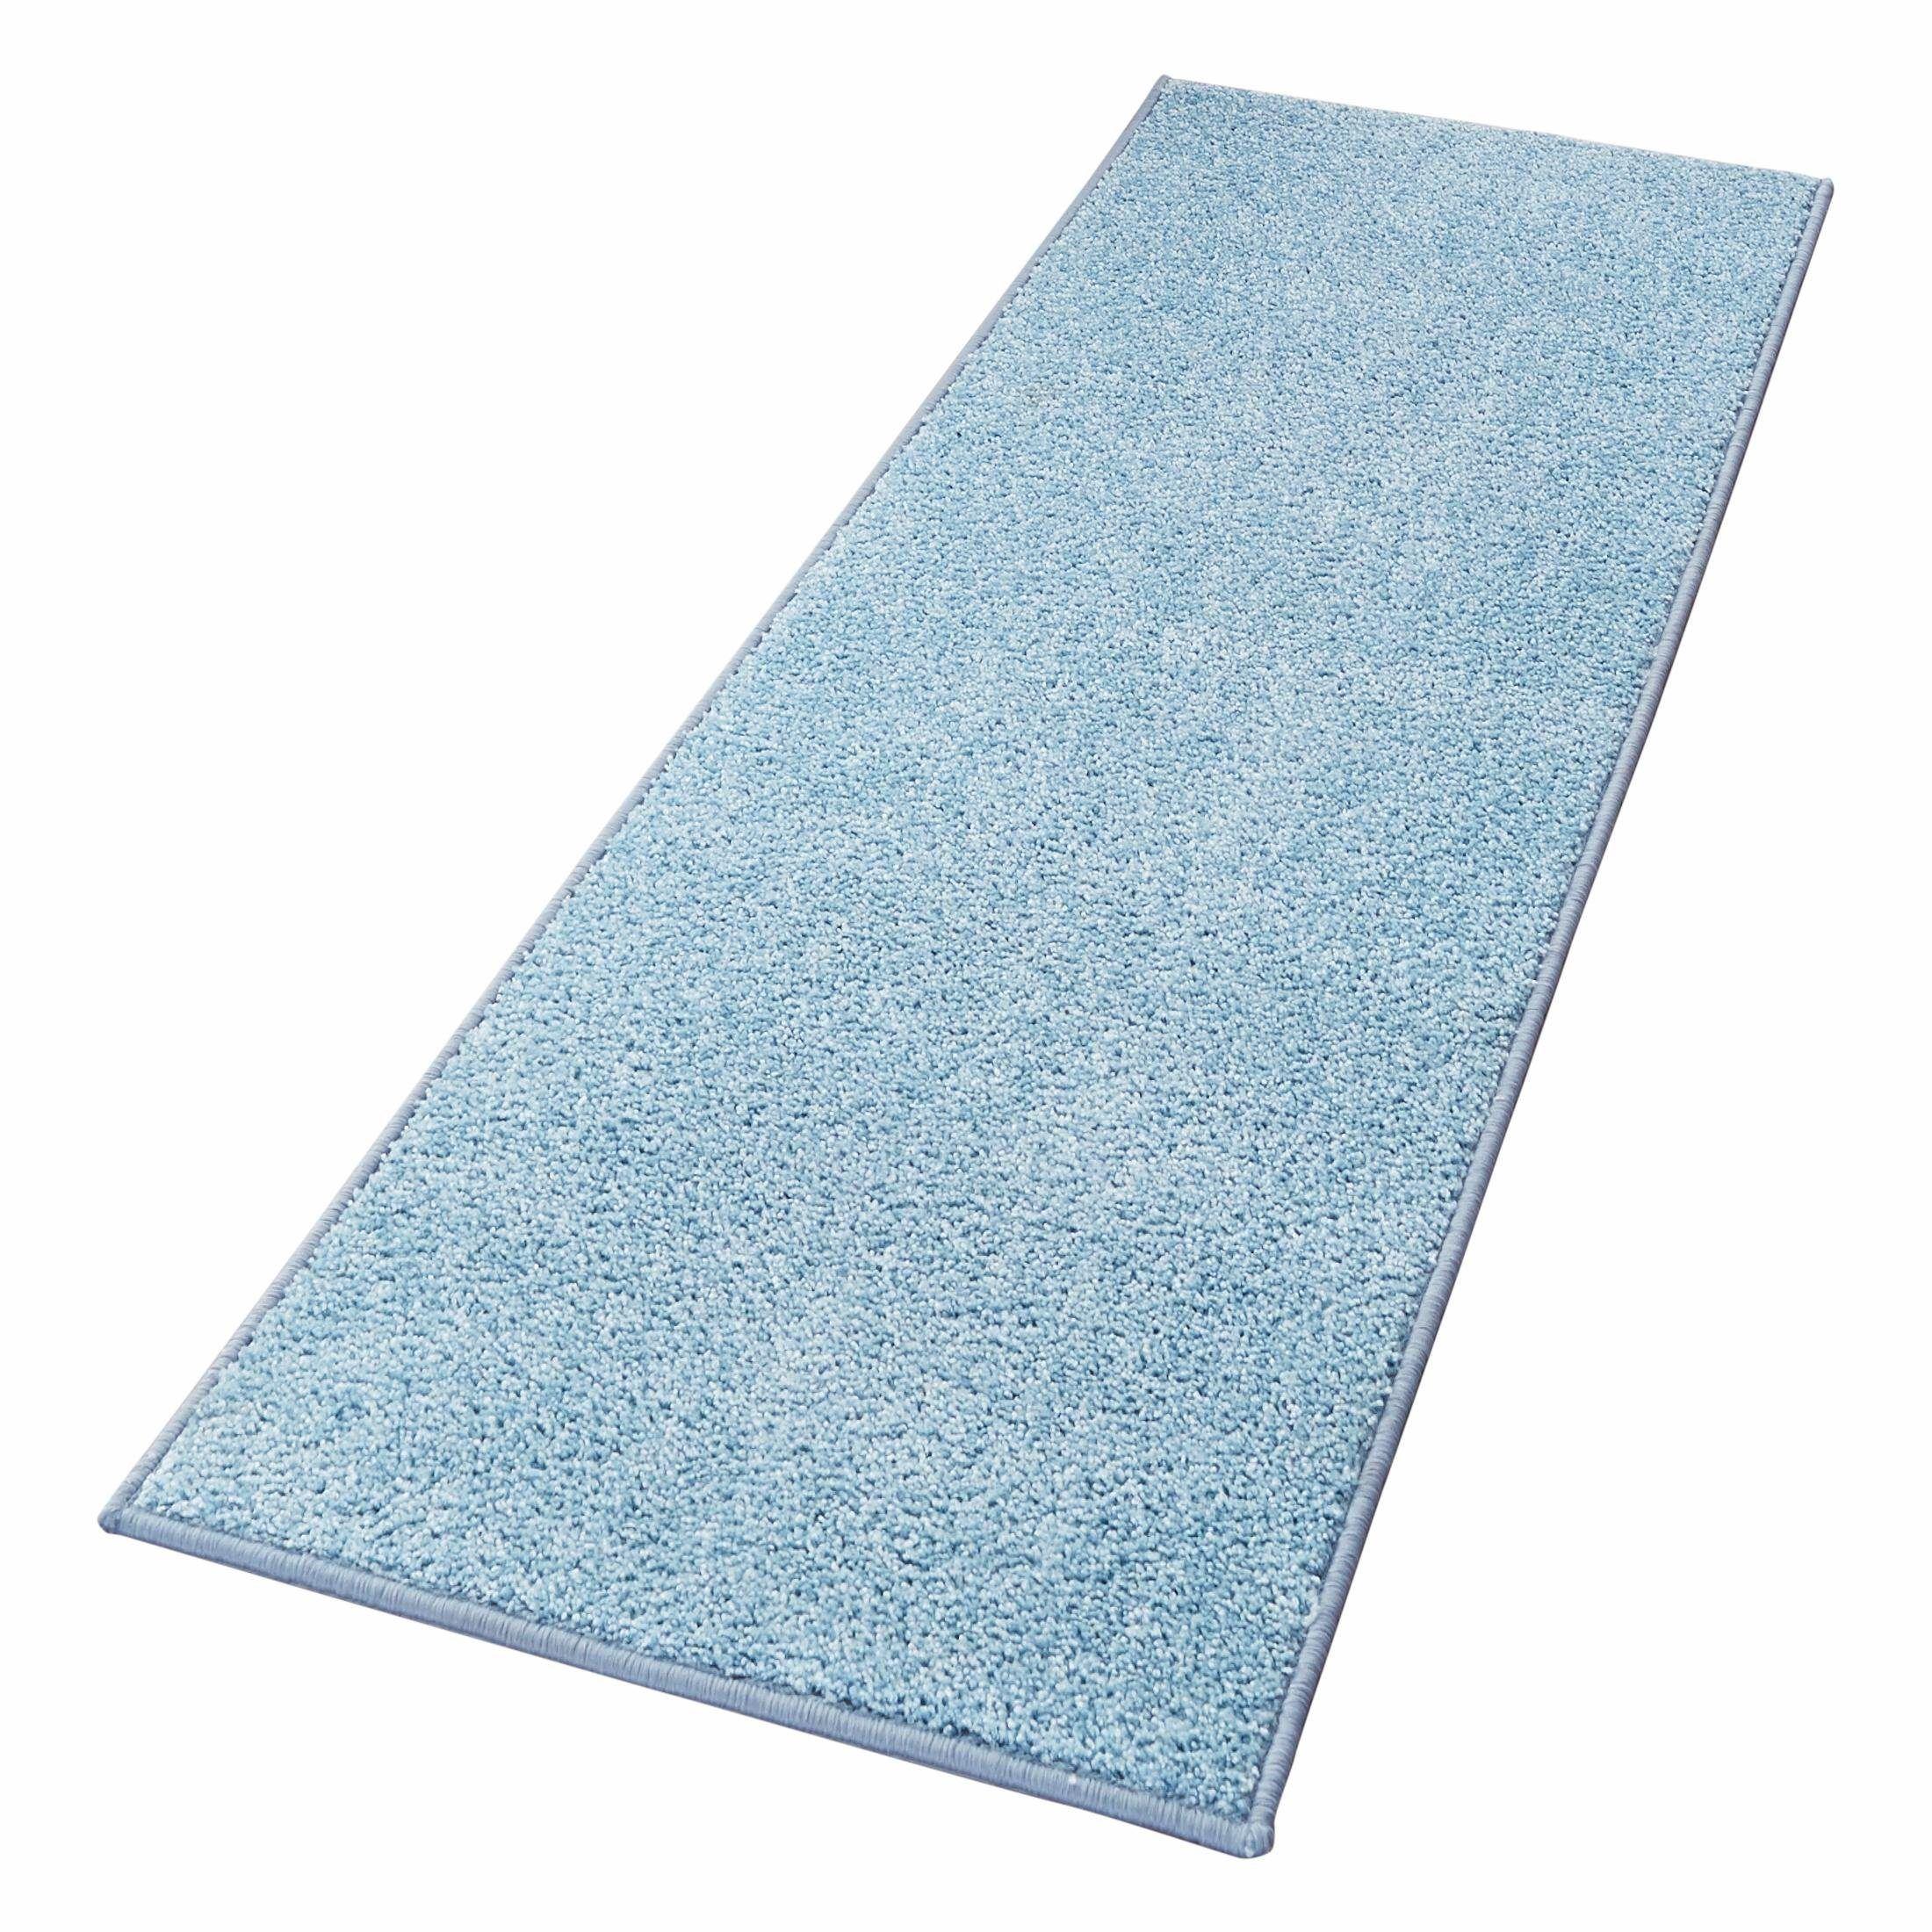 Läufer »Pure 100« blau, B/L: 80x200cm, 13mm, fußbodenheizungsgeeignet, strapazierfähig, Hanse Home Jetzt bestellen unter: https://moebel.ladendirekt.de/heimtextilien/teppiche/laeufer/?uid=0902ee71-191c-5b08-b760-0e1142edddc3&utm_source=pinterest&utm_medium=pin&utm_campaign=boards #laeufer #heimtextilien #teppiche